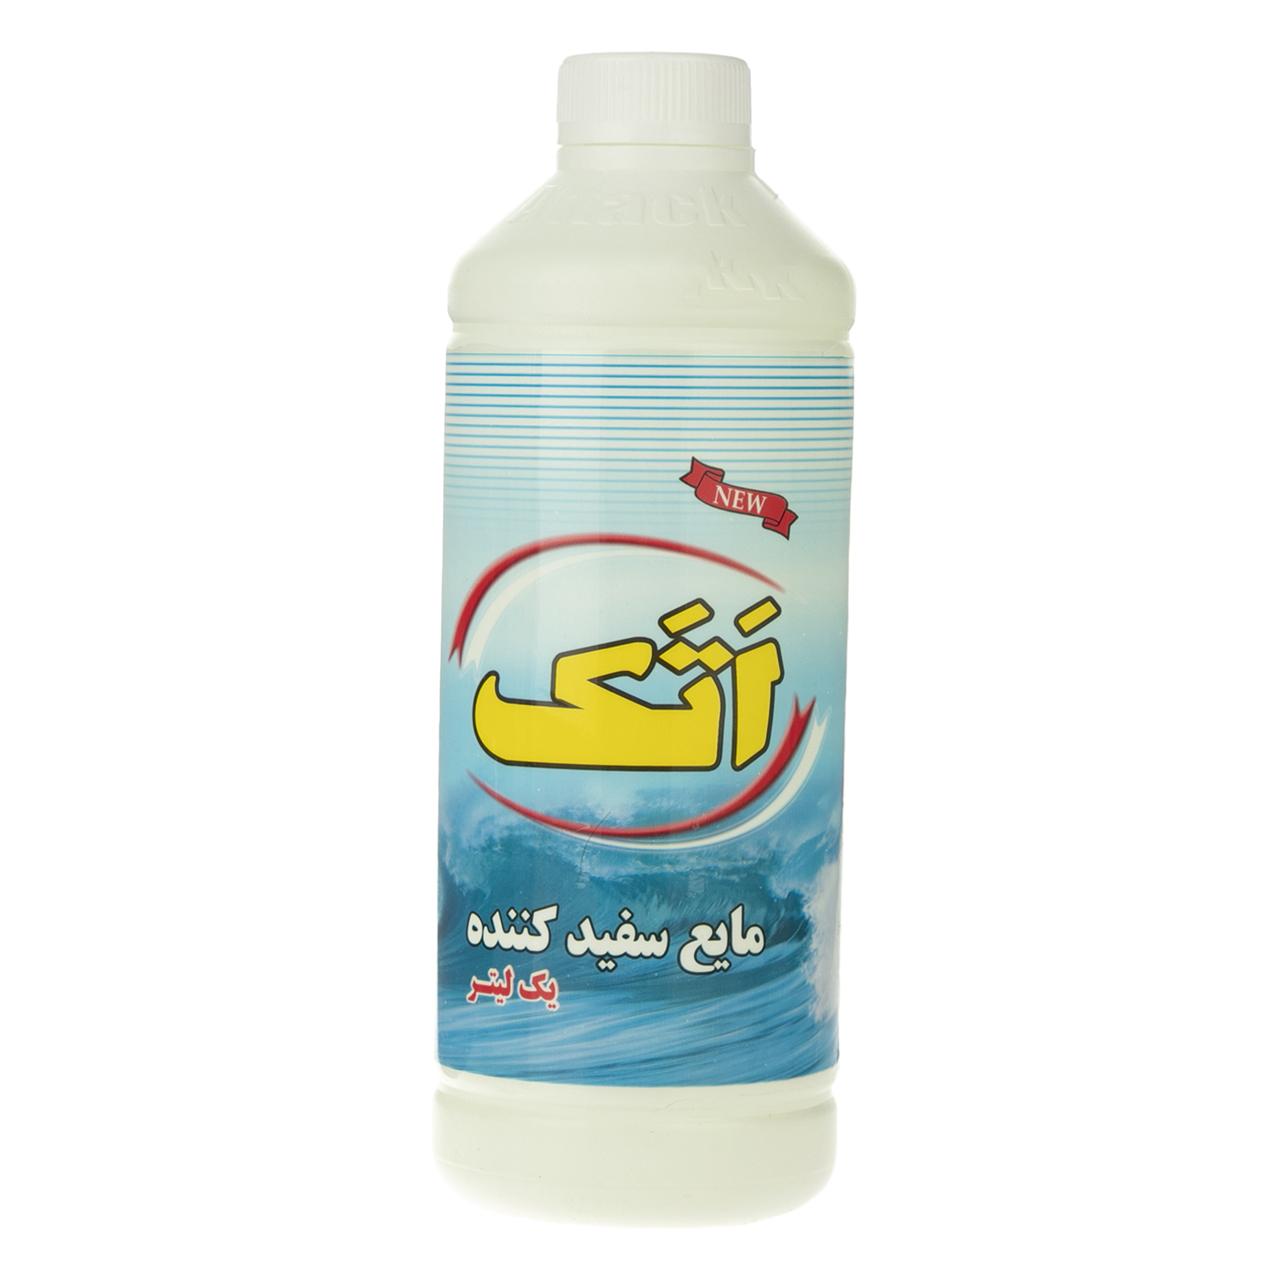 مایع سفید کننده اتک حجم 1000 گرم